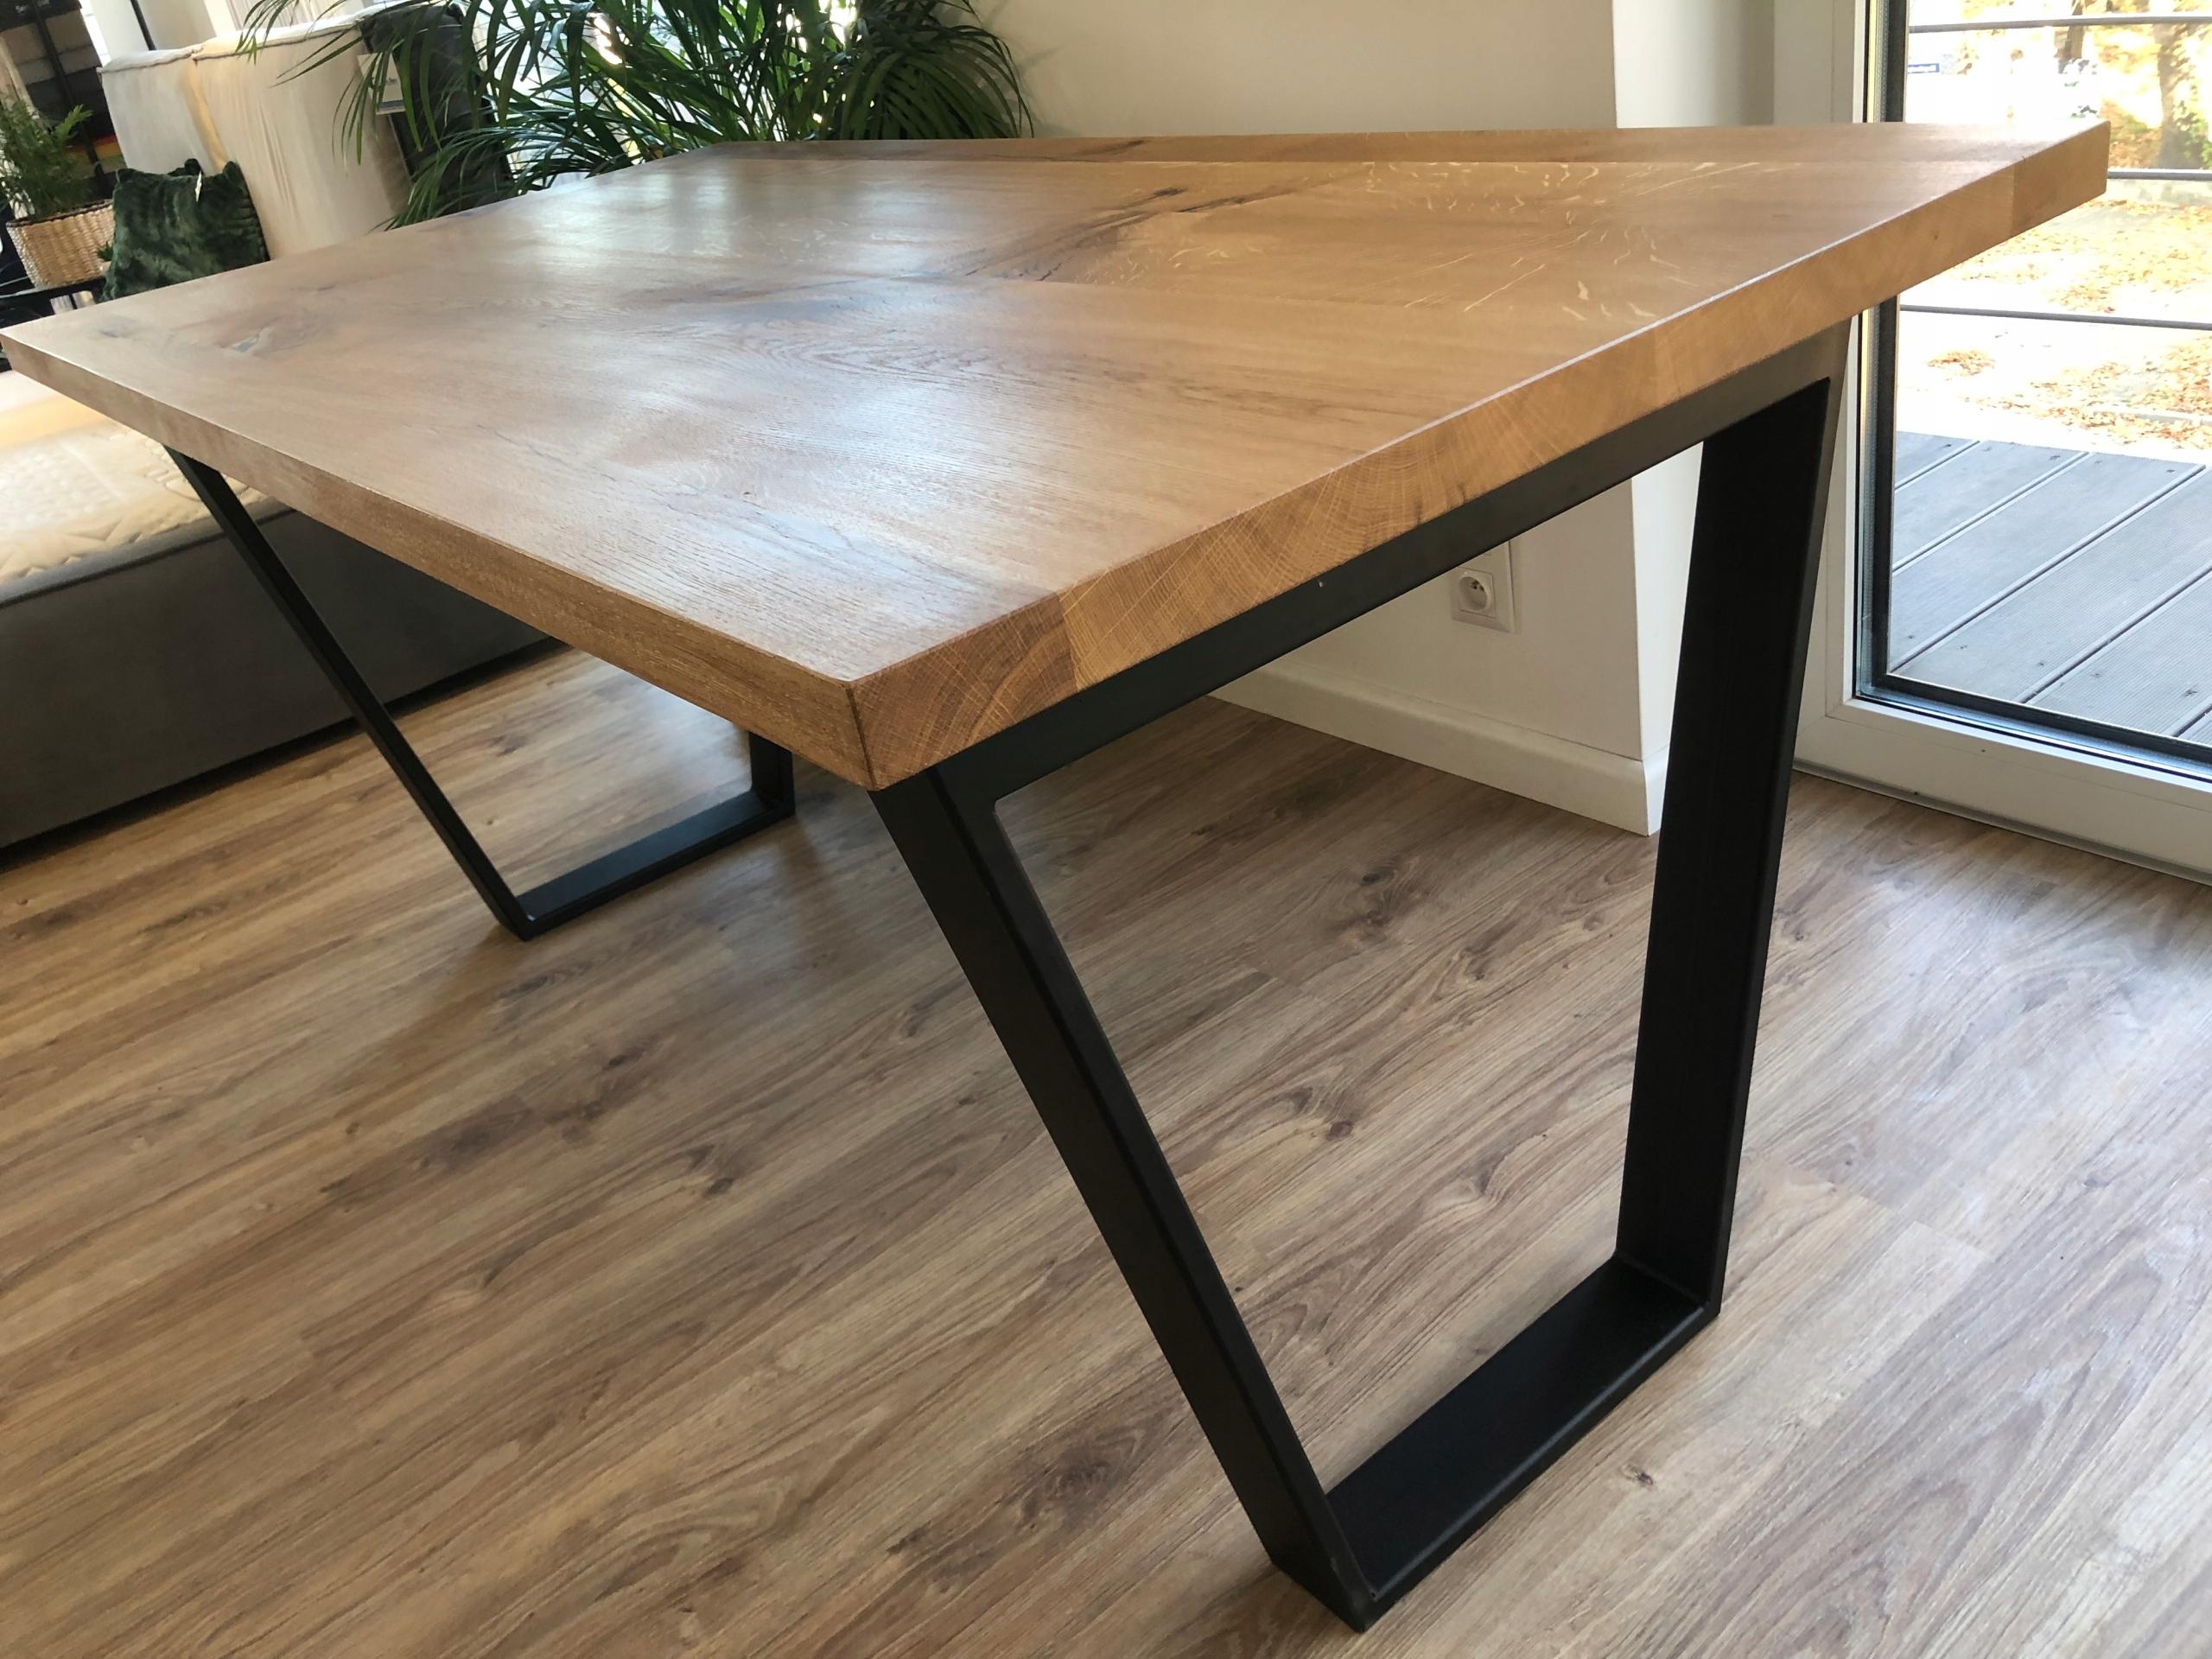 кухонный стол своими руками дизайн идеи